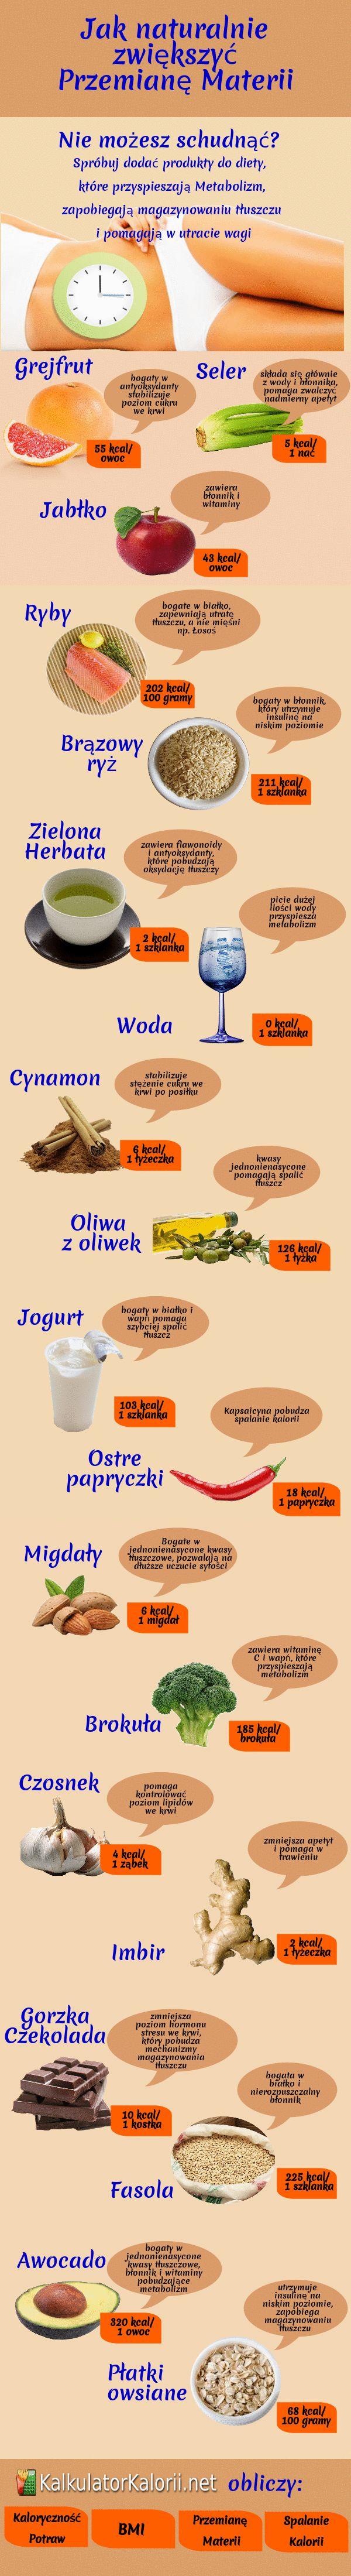 Najbardziej wartościowe produkty żywnościowe na Stylowi.pl